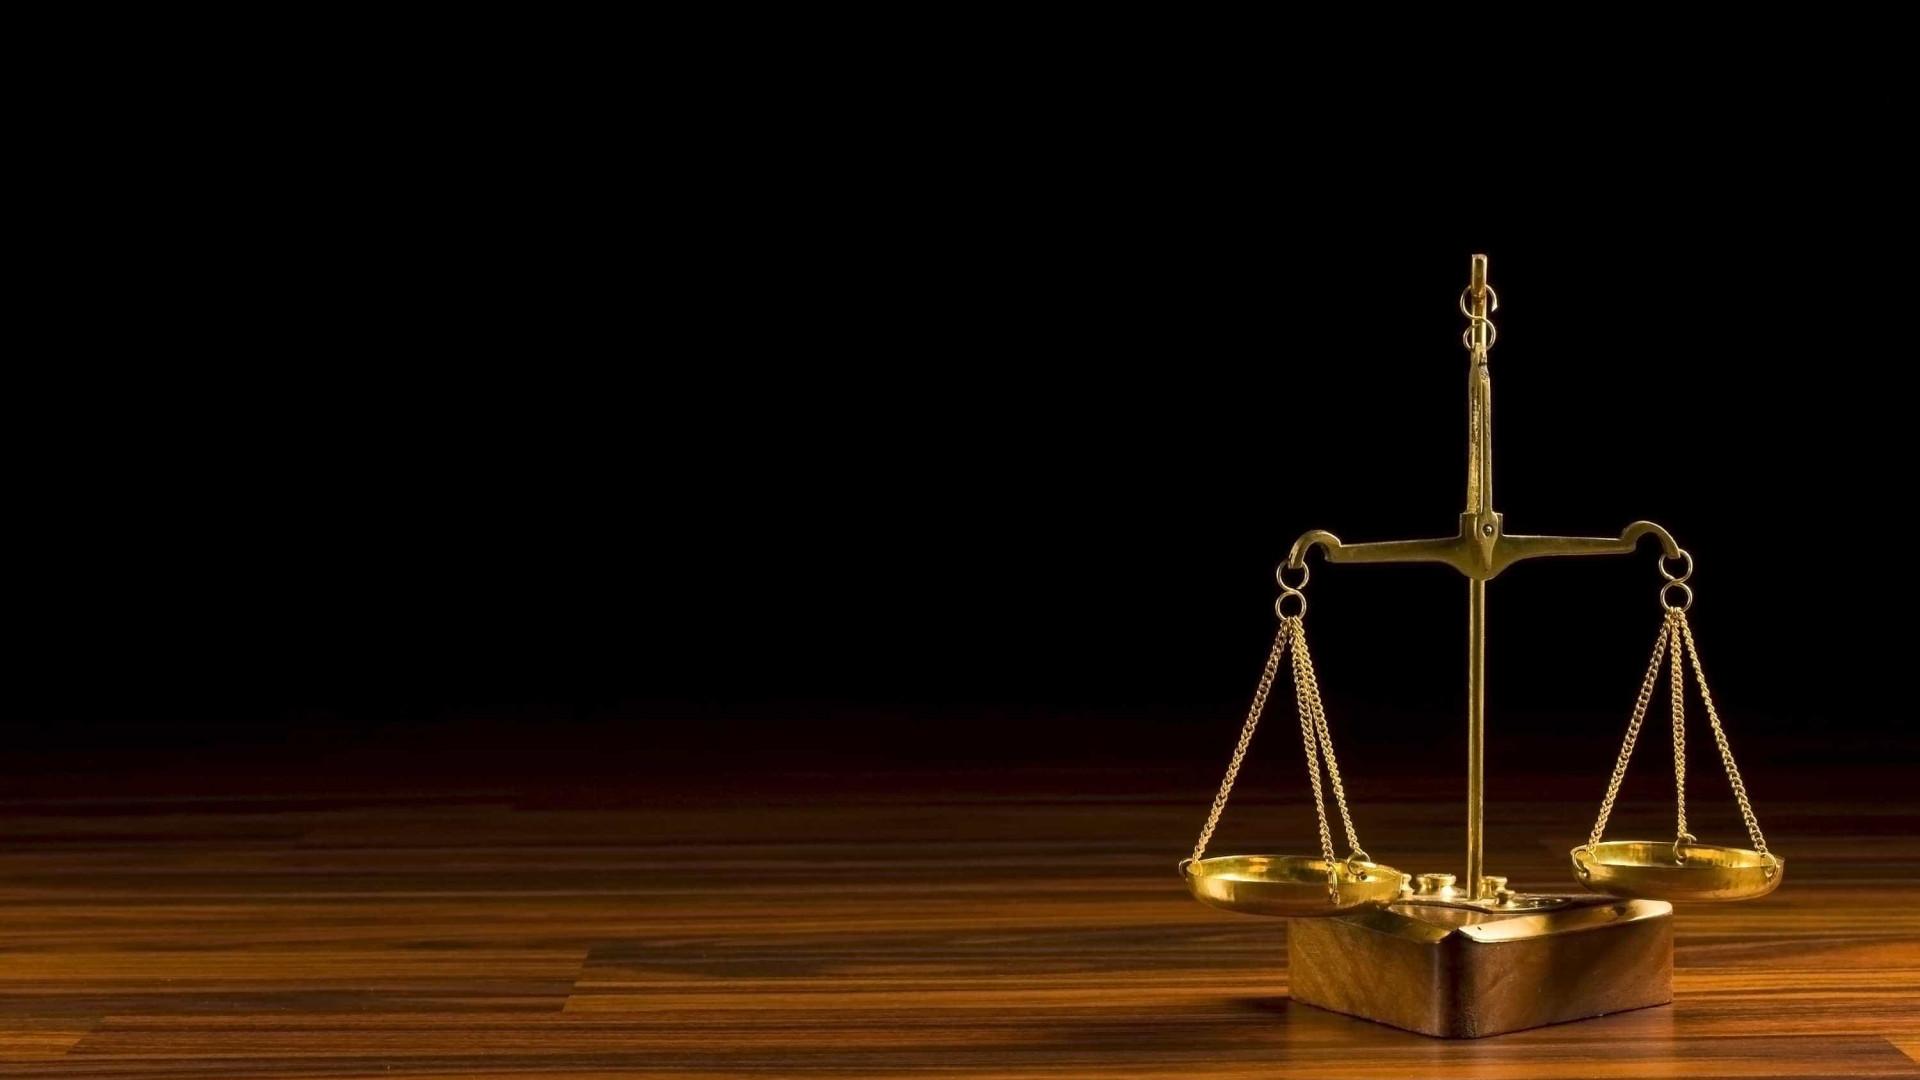 Tribunal condena a pena máxima de prisão homem acusado de matar enteada